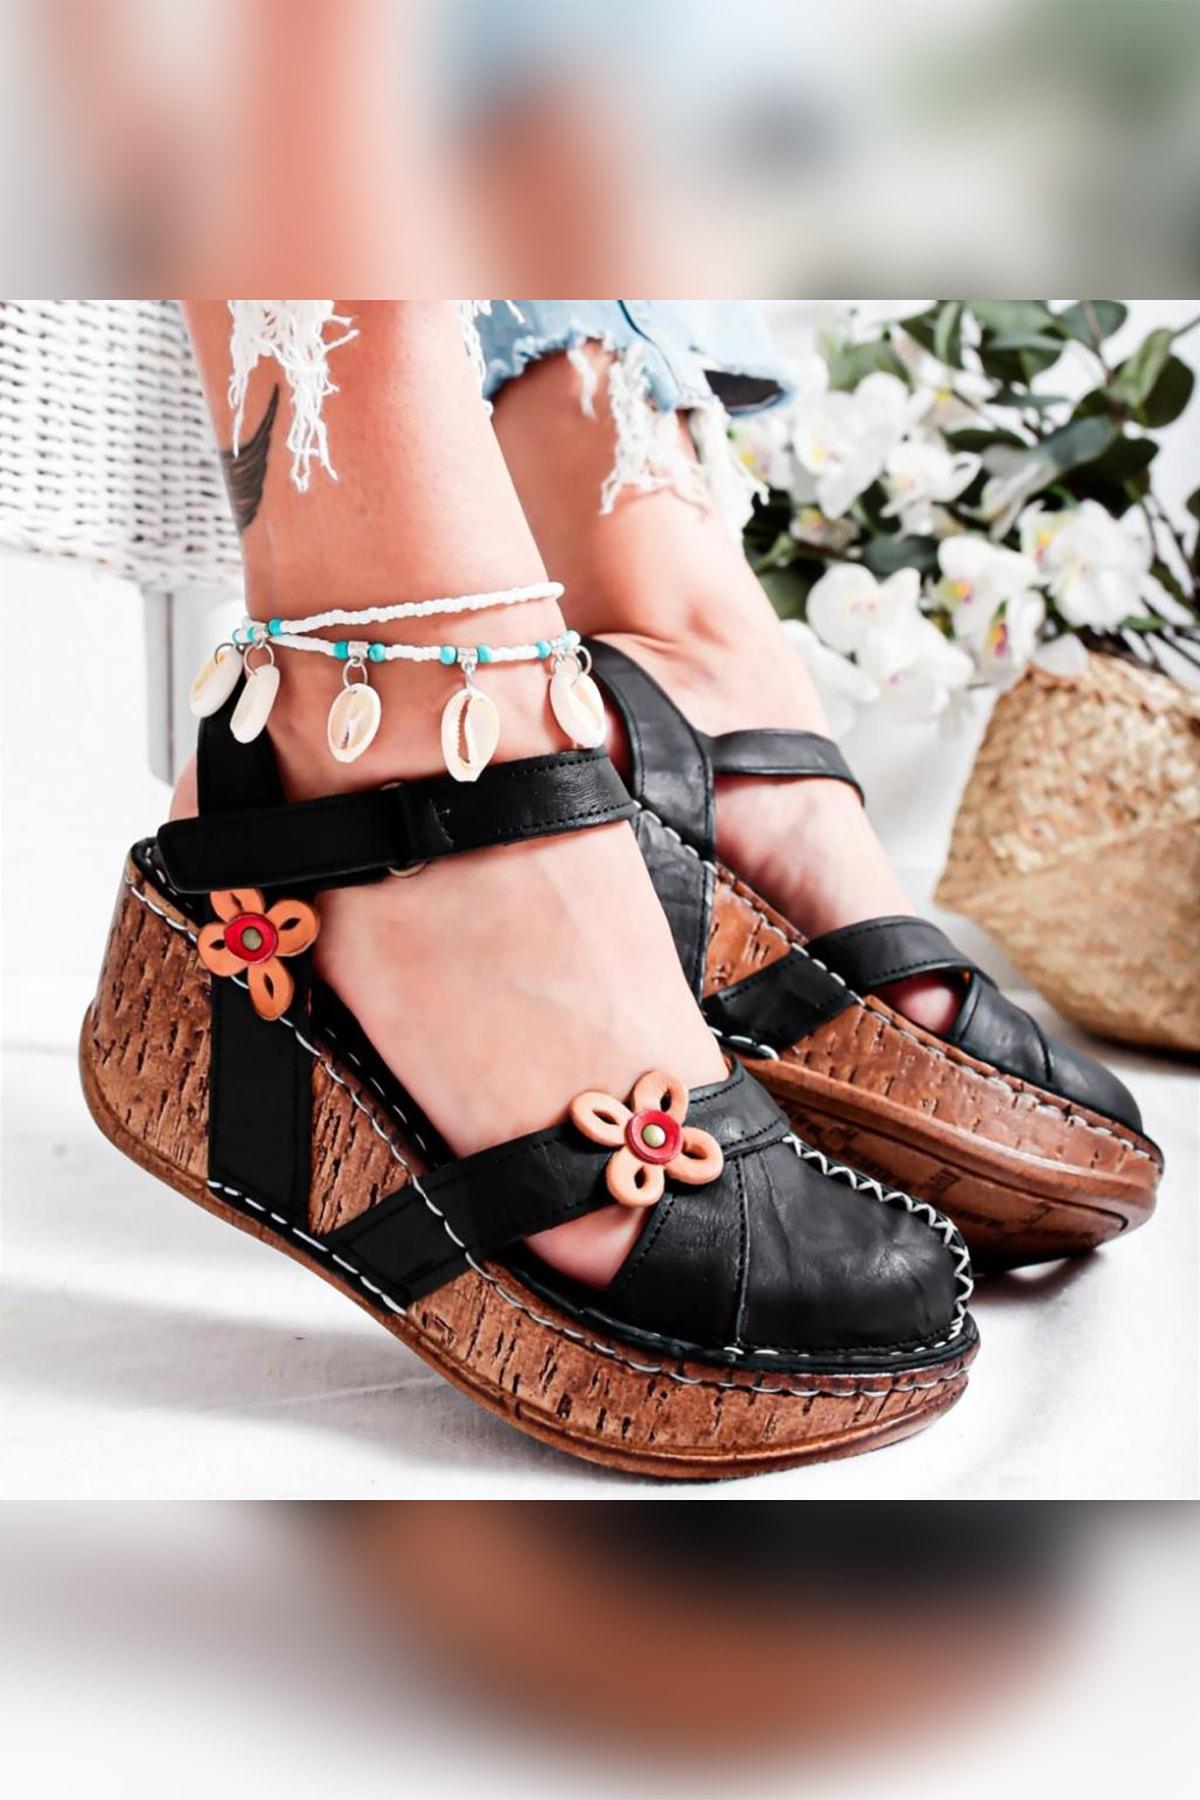 Katlyn Siyah Hakiki Deri Çiçek Detaylı Burnu Kapalı Dolgu Topuklu Sandalet